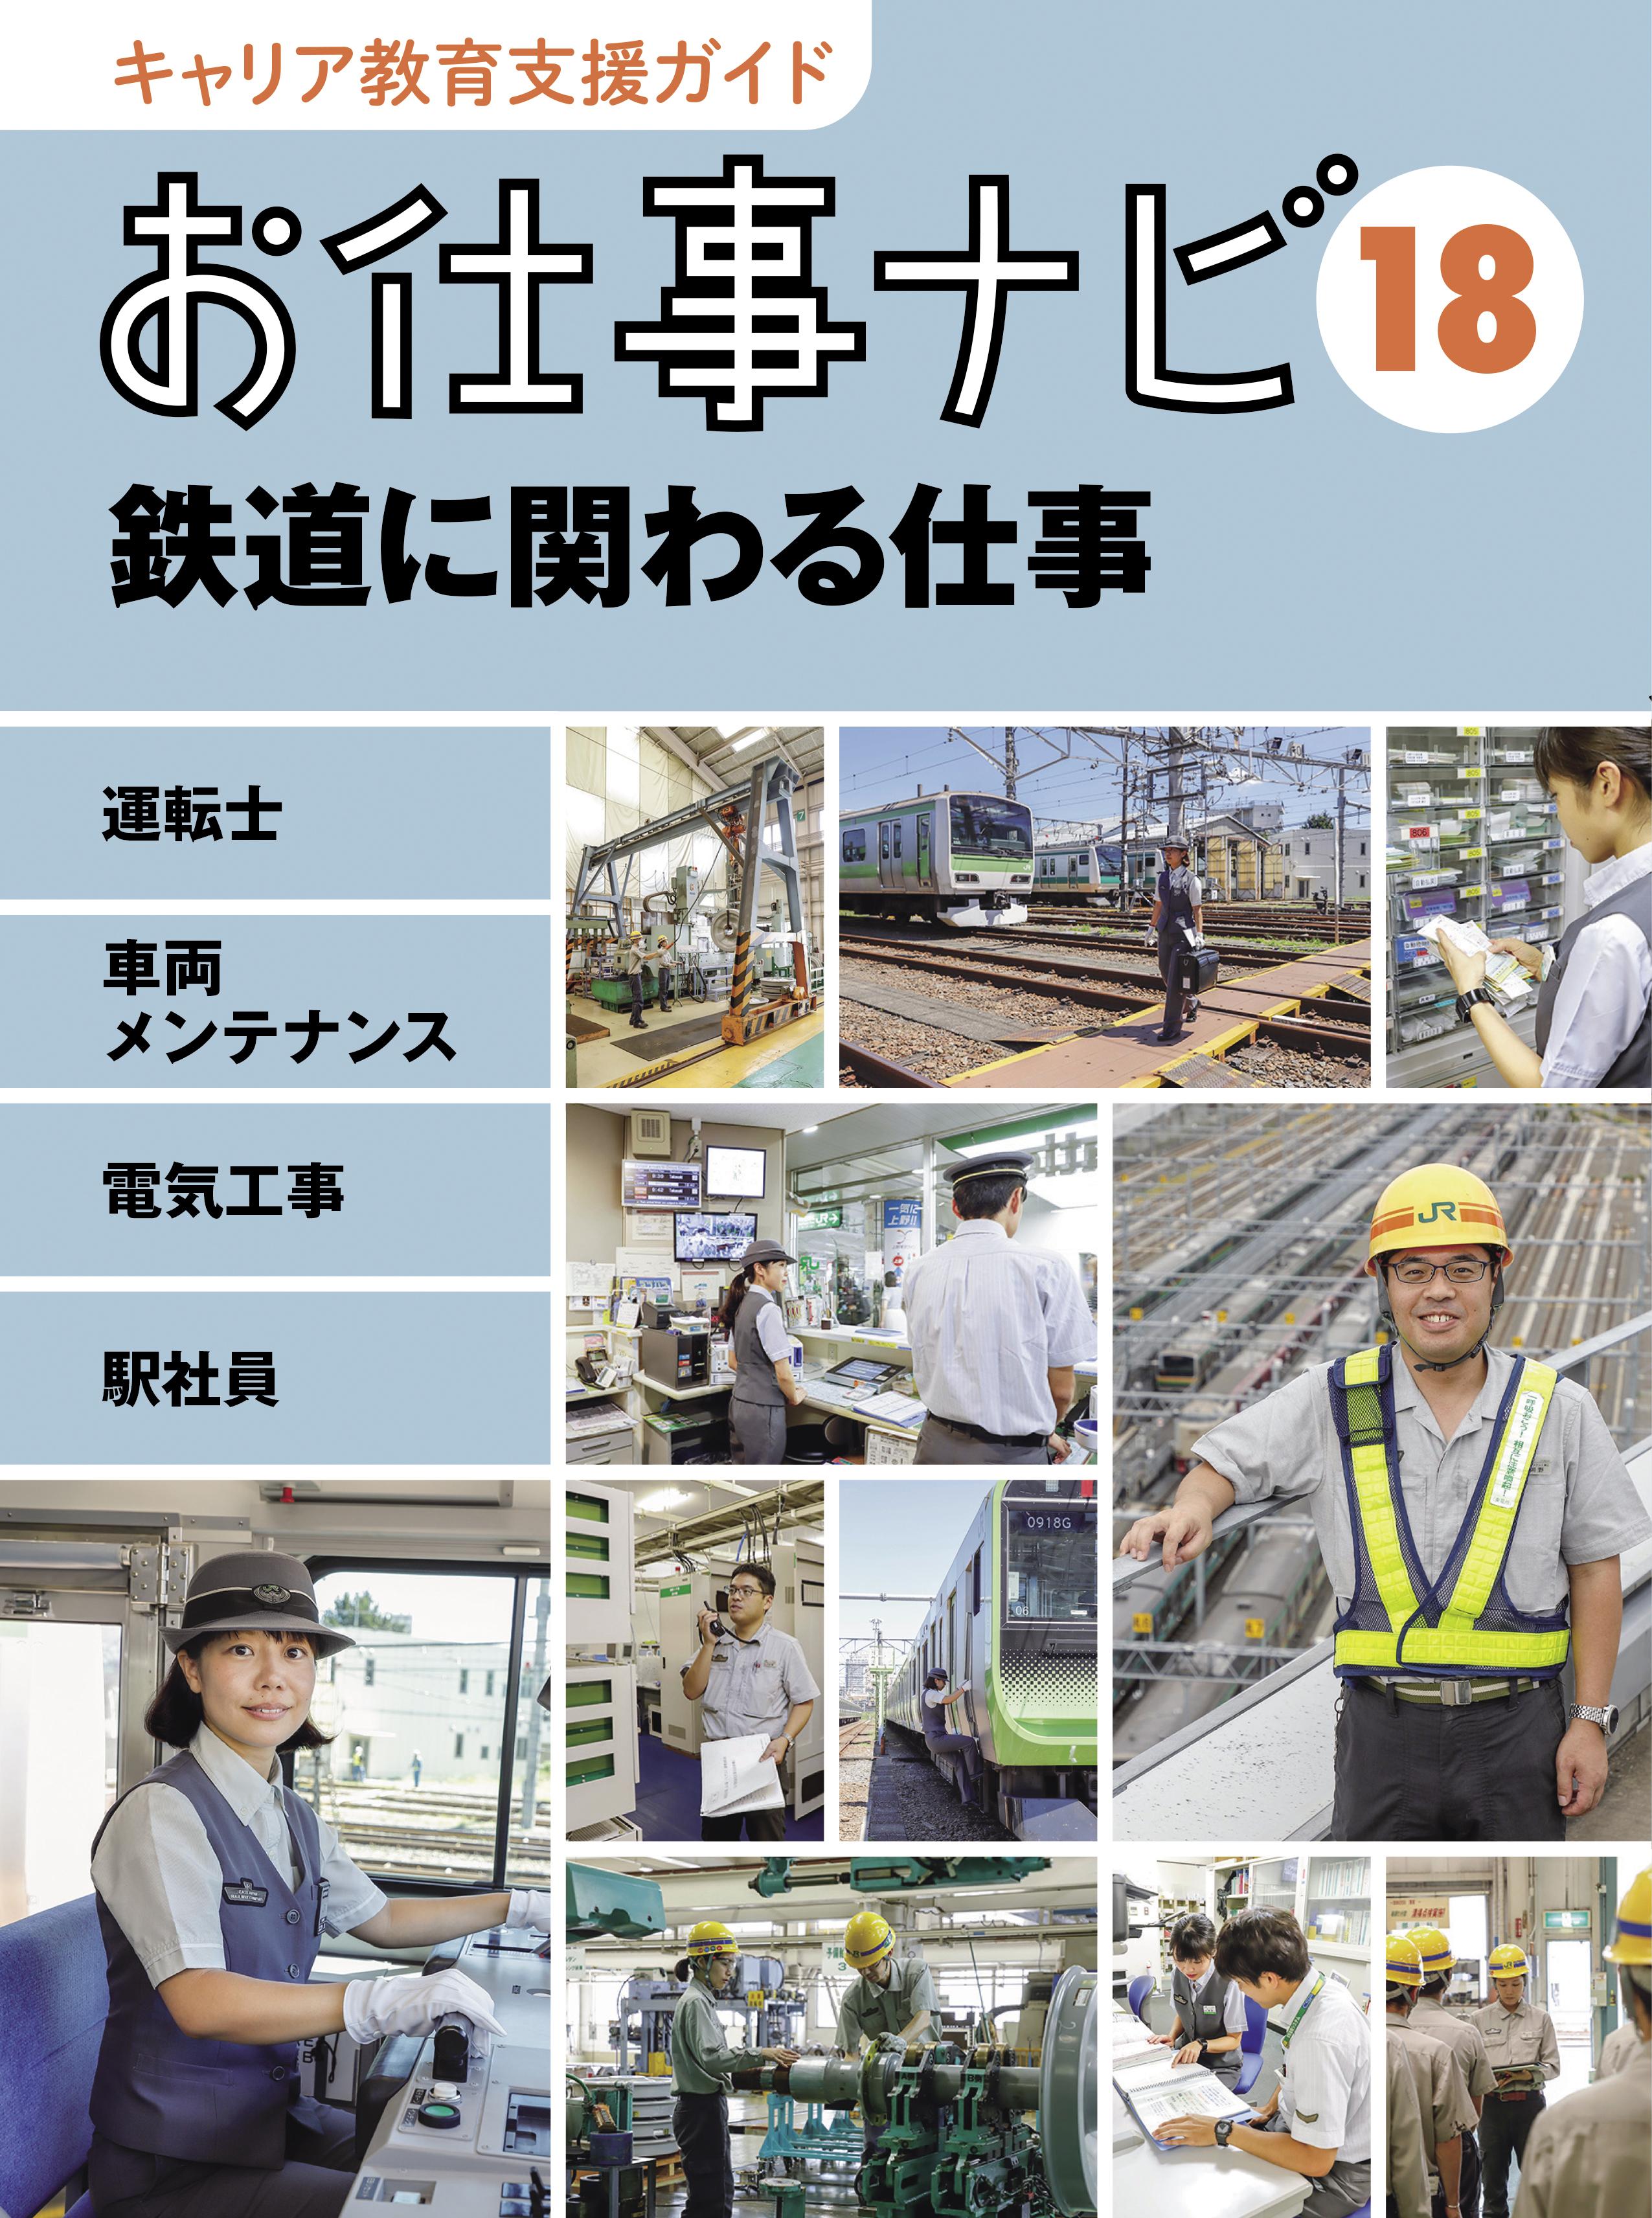 お仕事ナビ 18 鉄道に関わる仕事